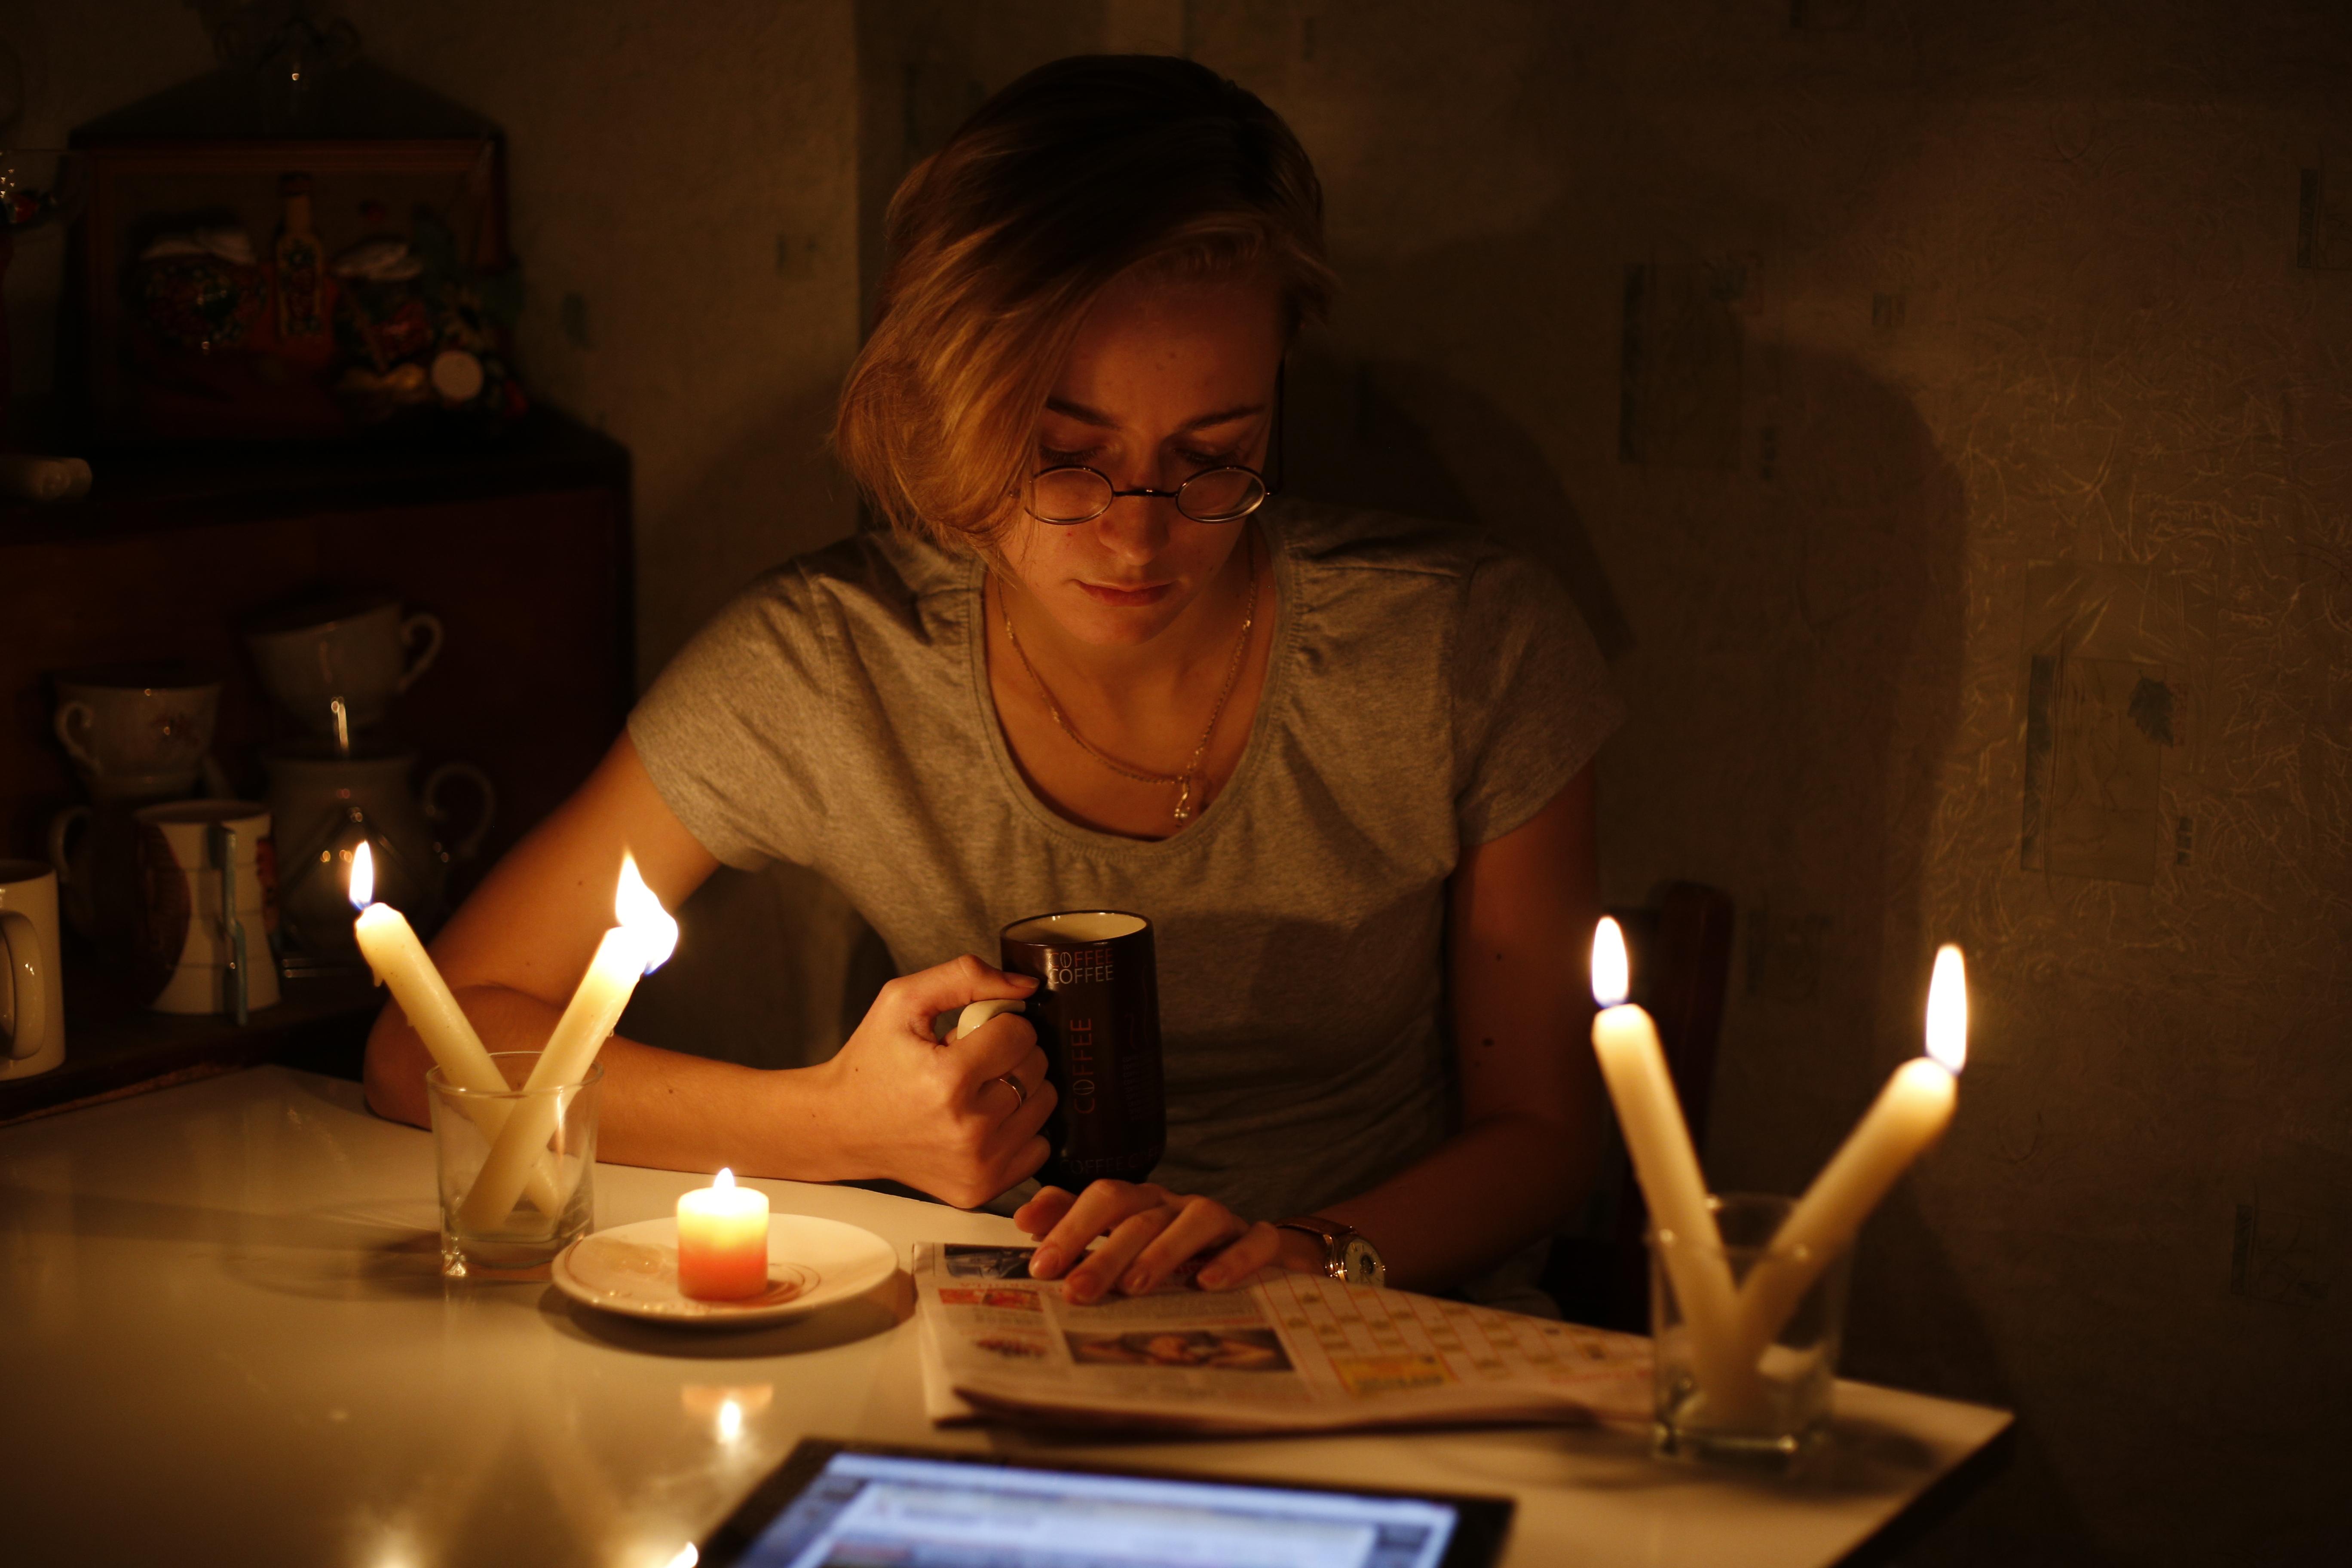 А что еще вечером без света делать? Книжку при свечах читать или спать пораньше ложиться.